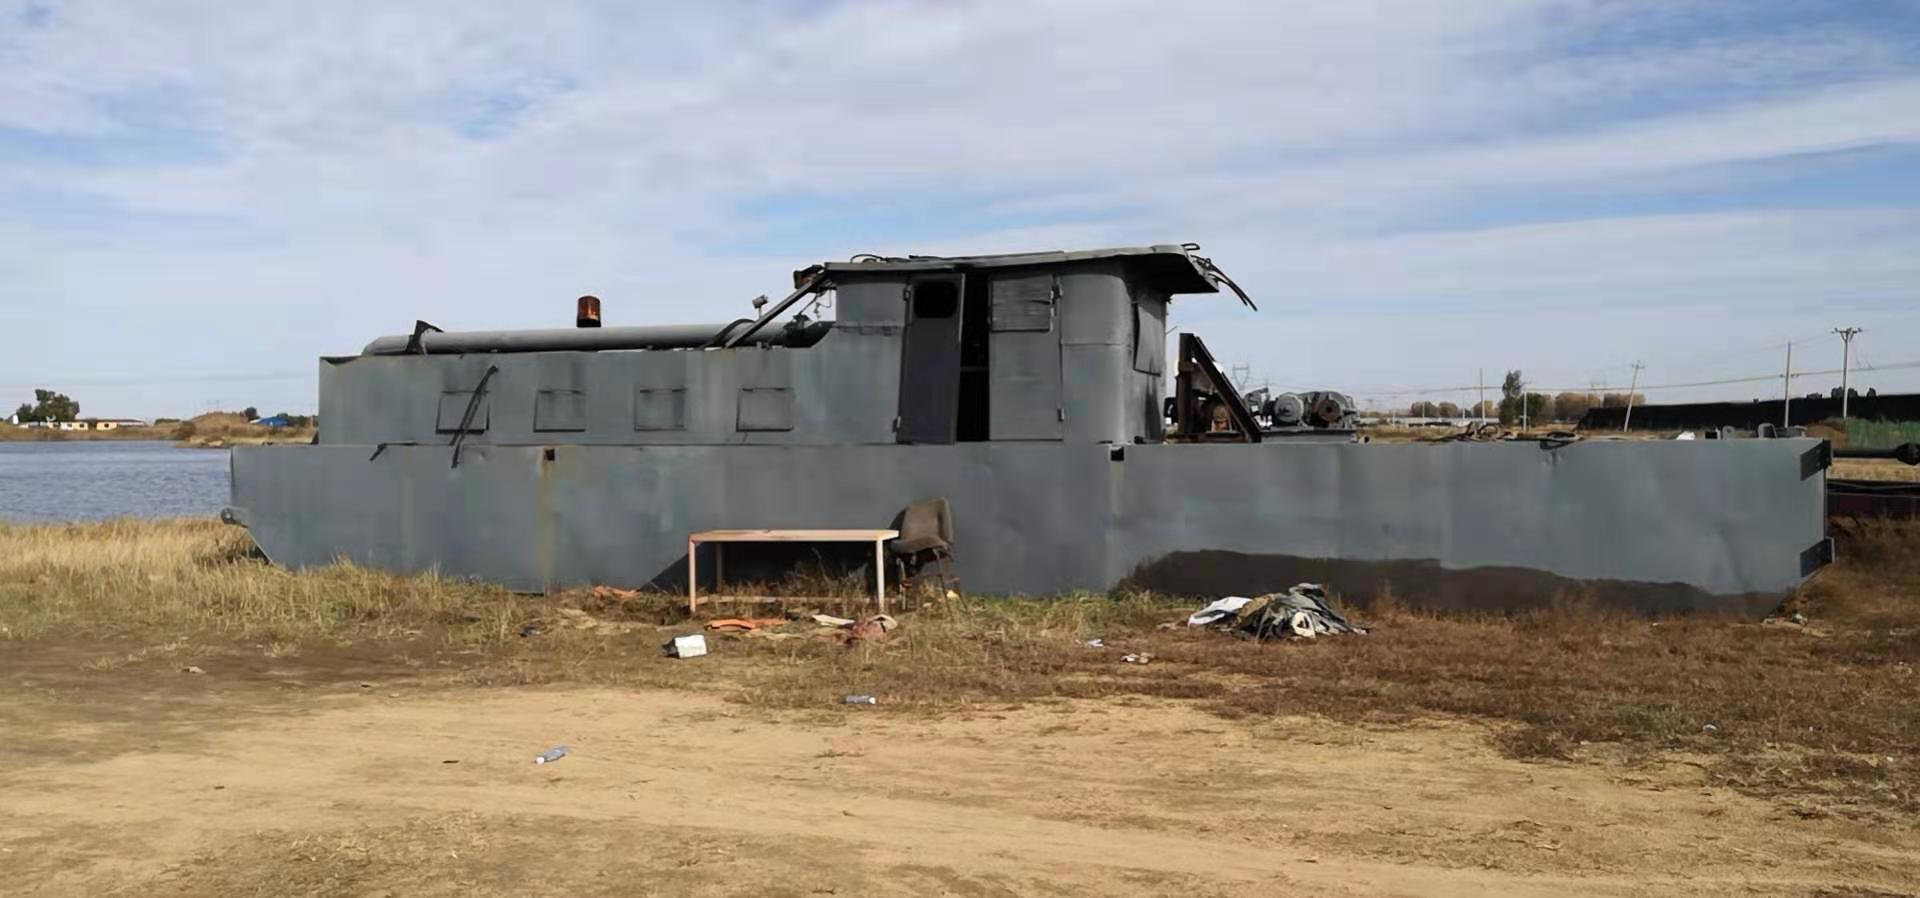 采沙船出售